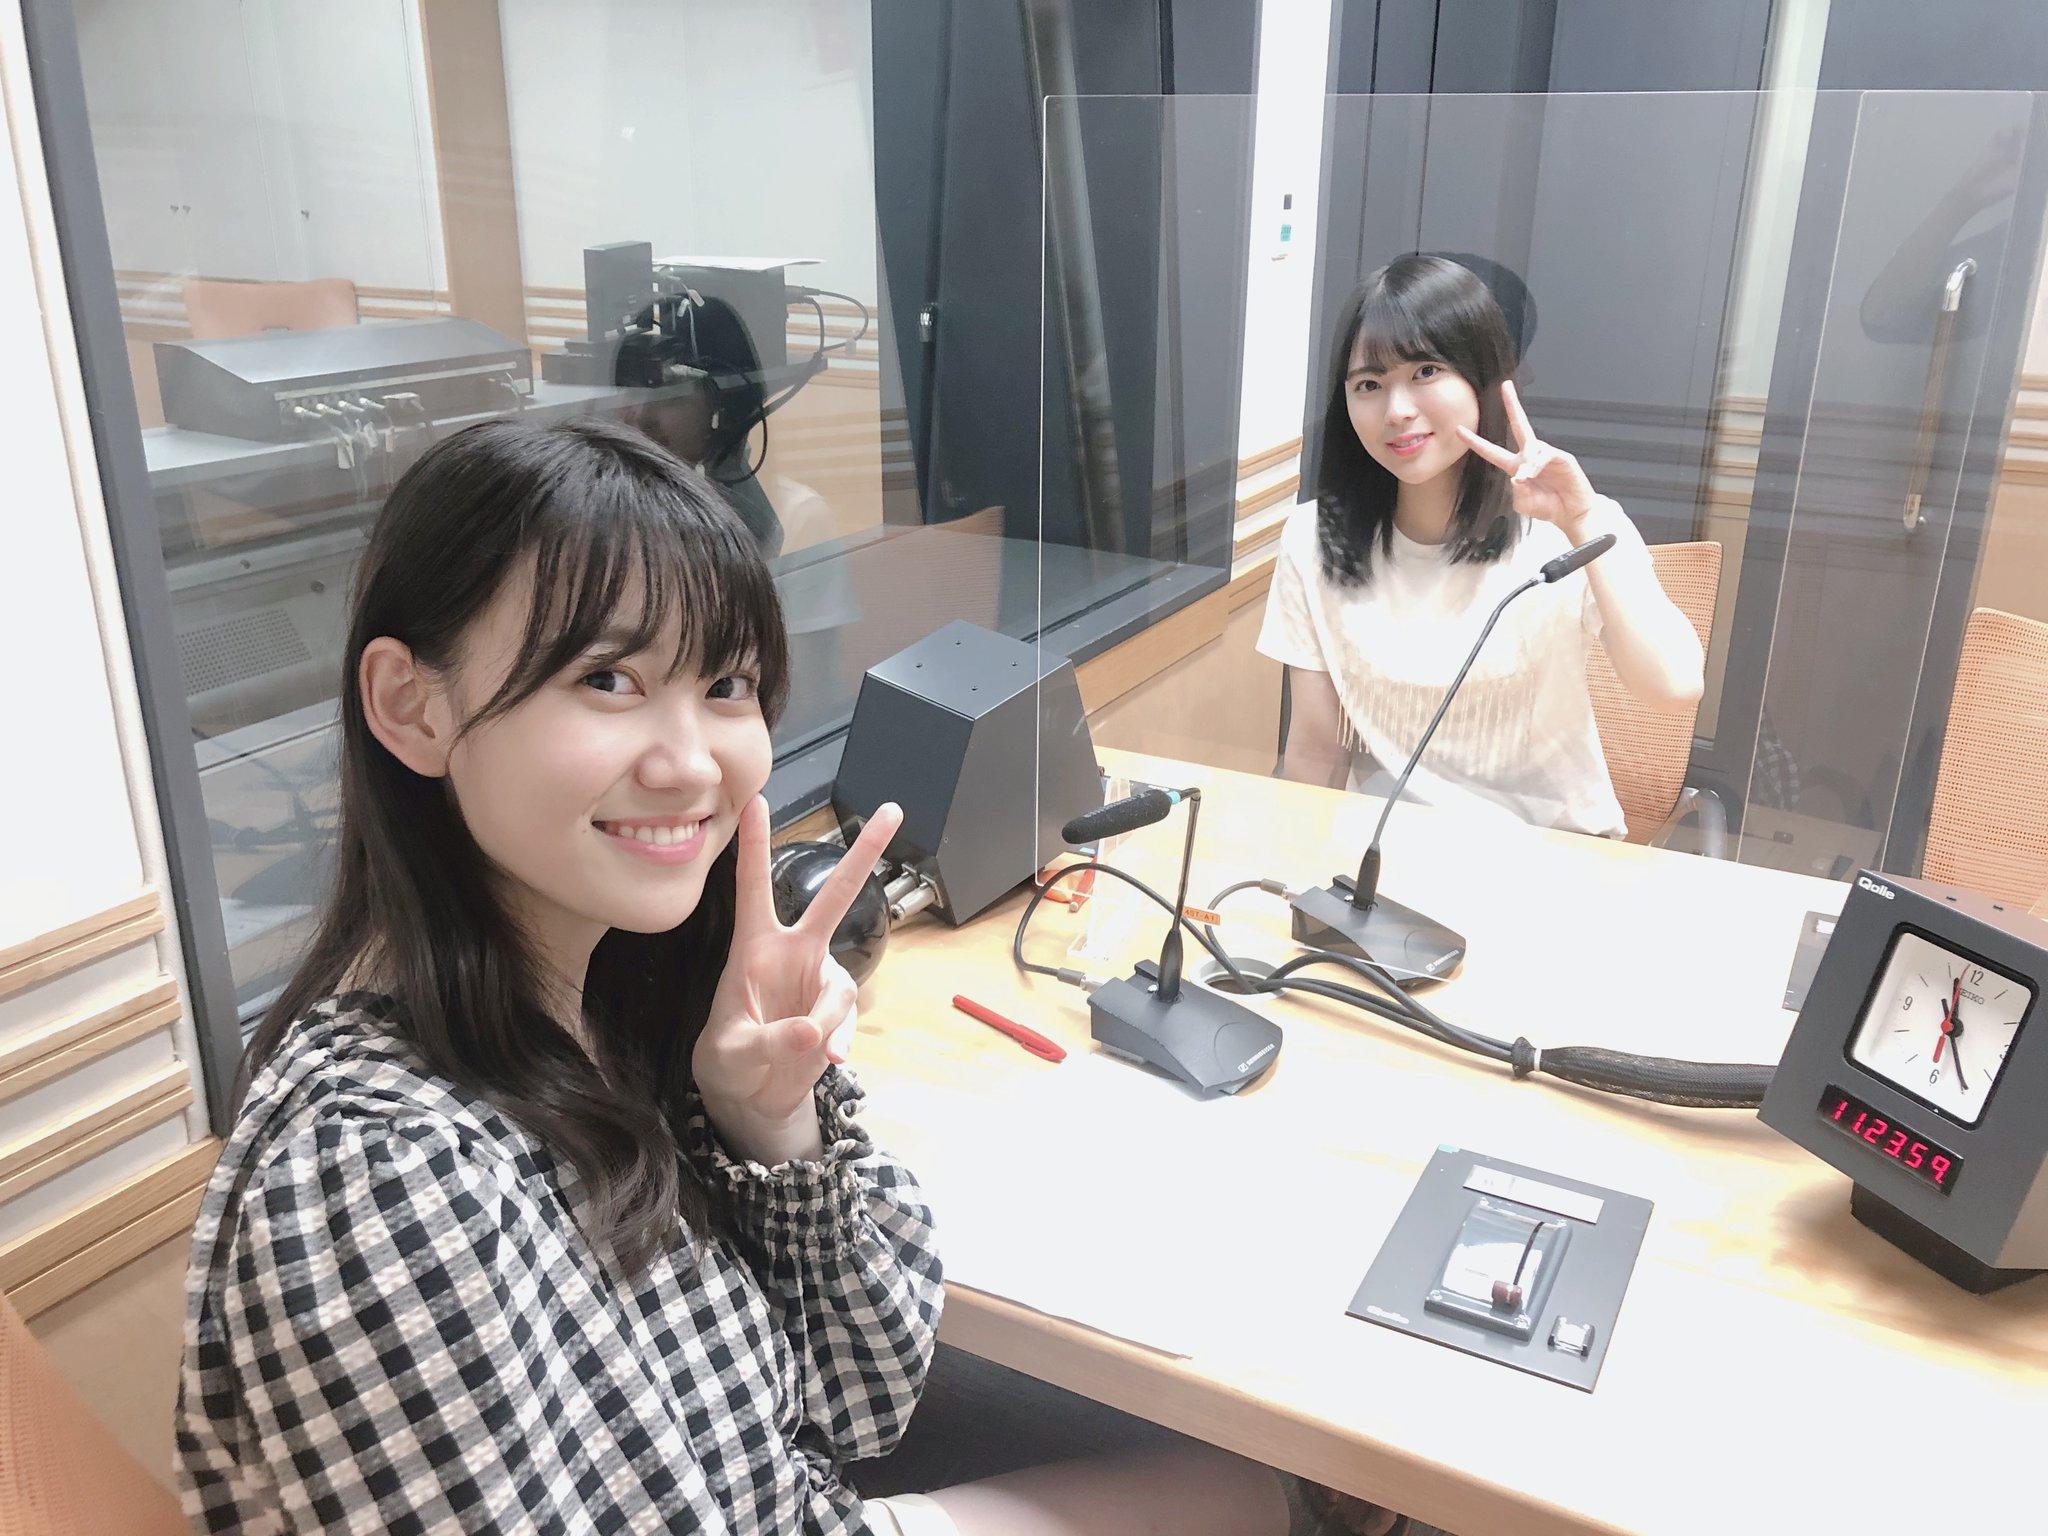 乃木坂46の「の」 松尾美佑 本蓮加